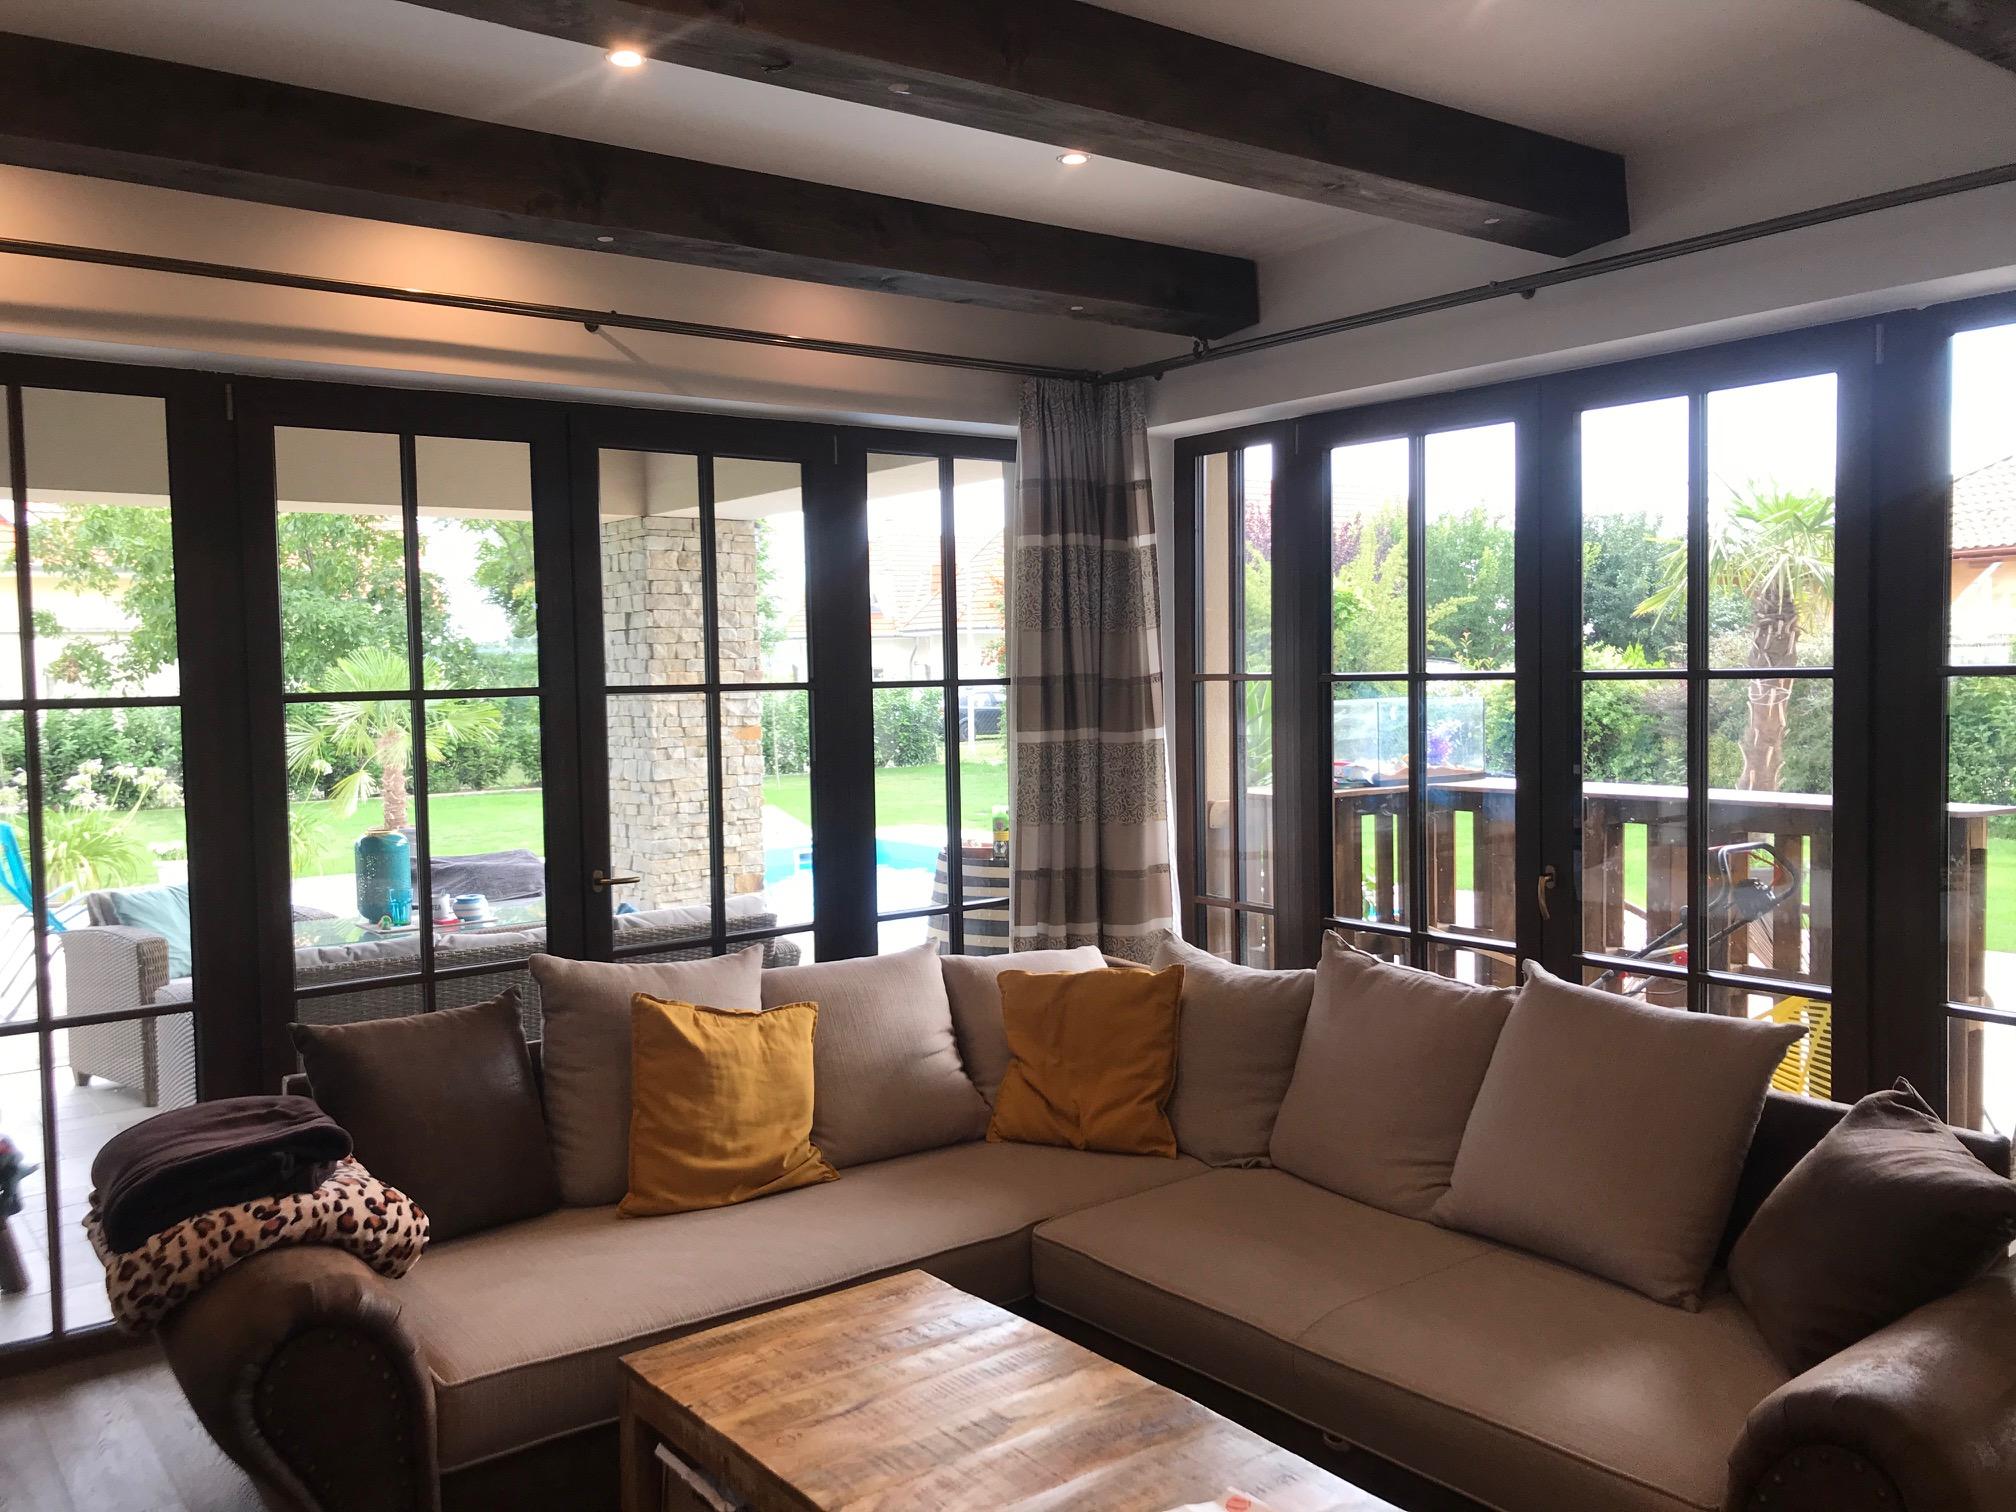 Családi-ház-beltér-nappali-kültéri-terasszal